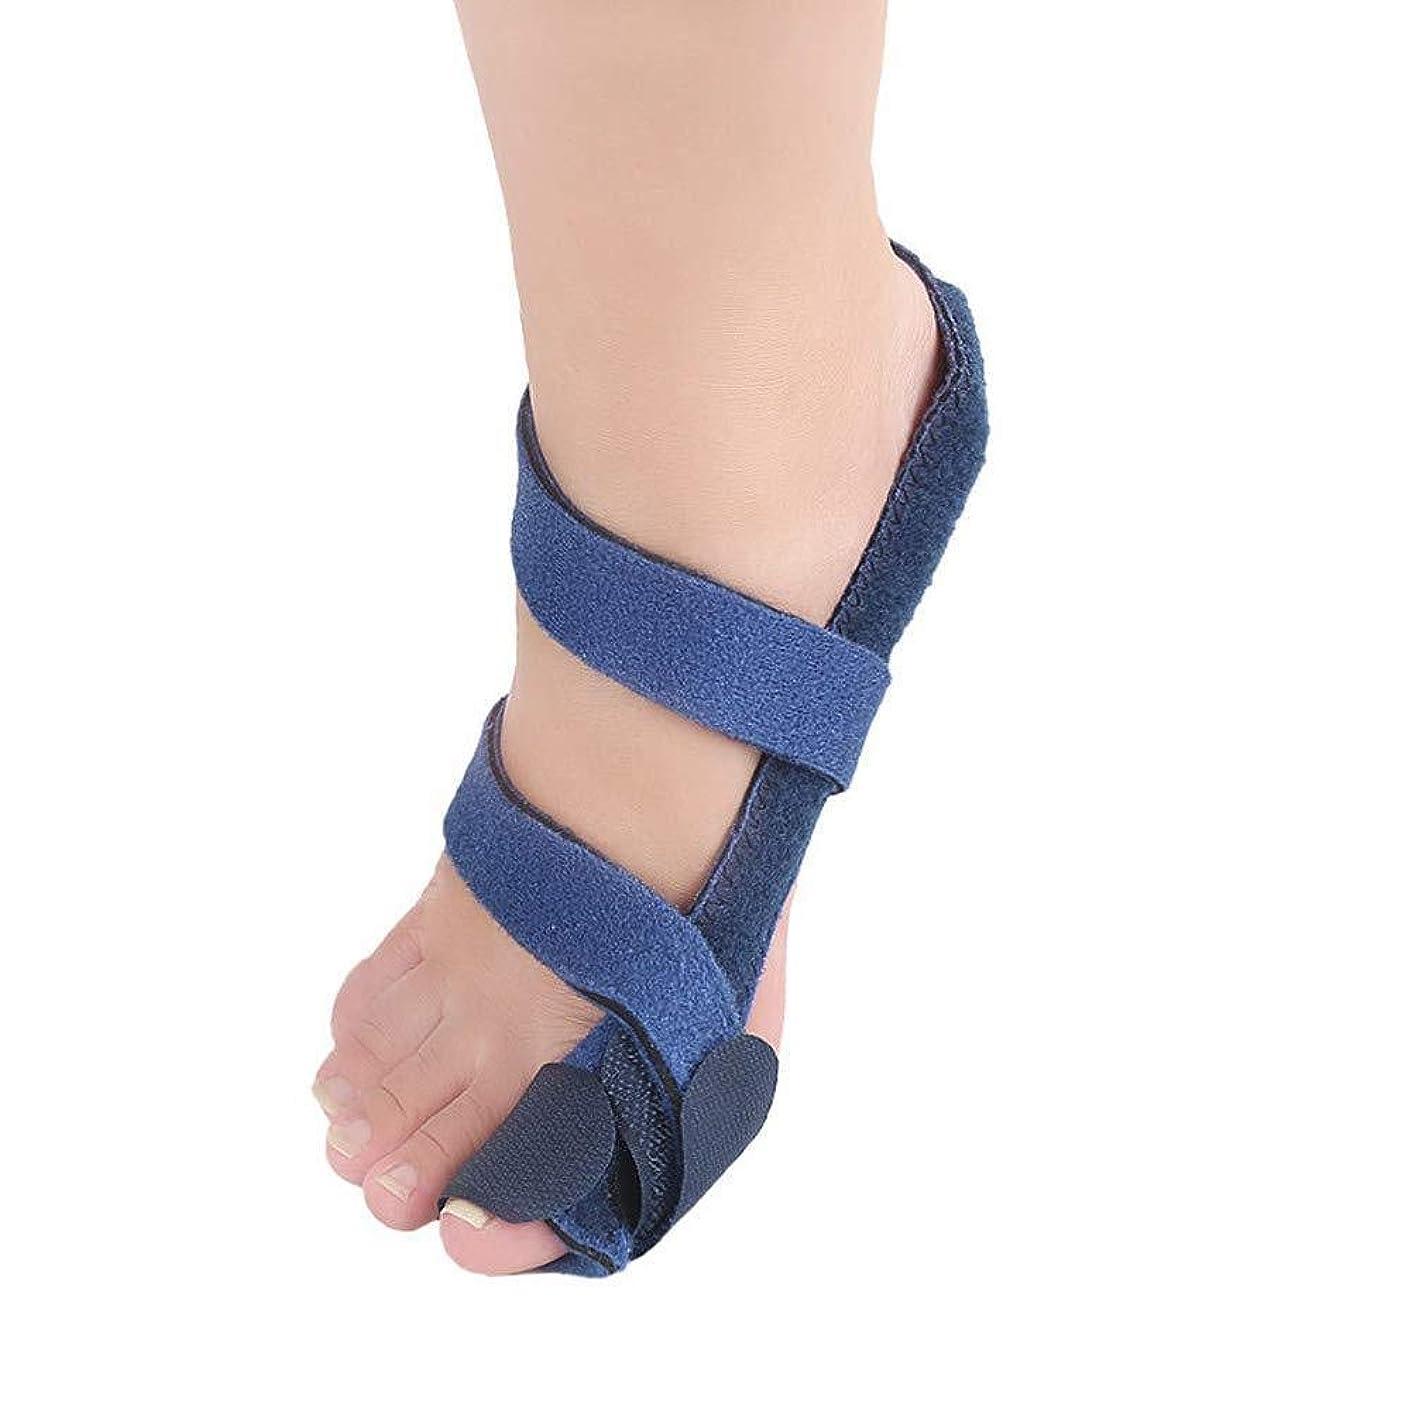 分析する保存気分が悪い外反母Hall装具、オーバーラップハンマーヘッドサポート装具アーチサポートジェルフラット足の痛みの男性と女性,Left Foot